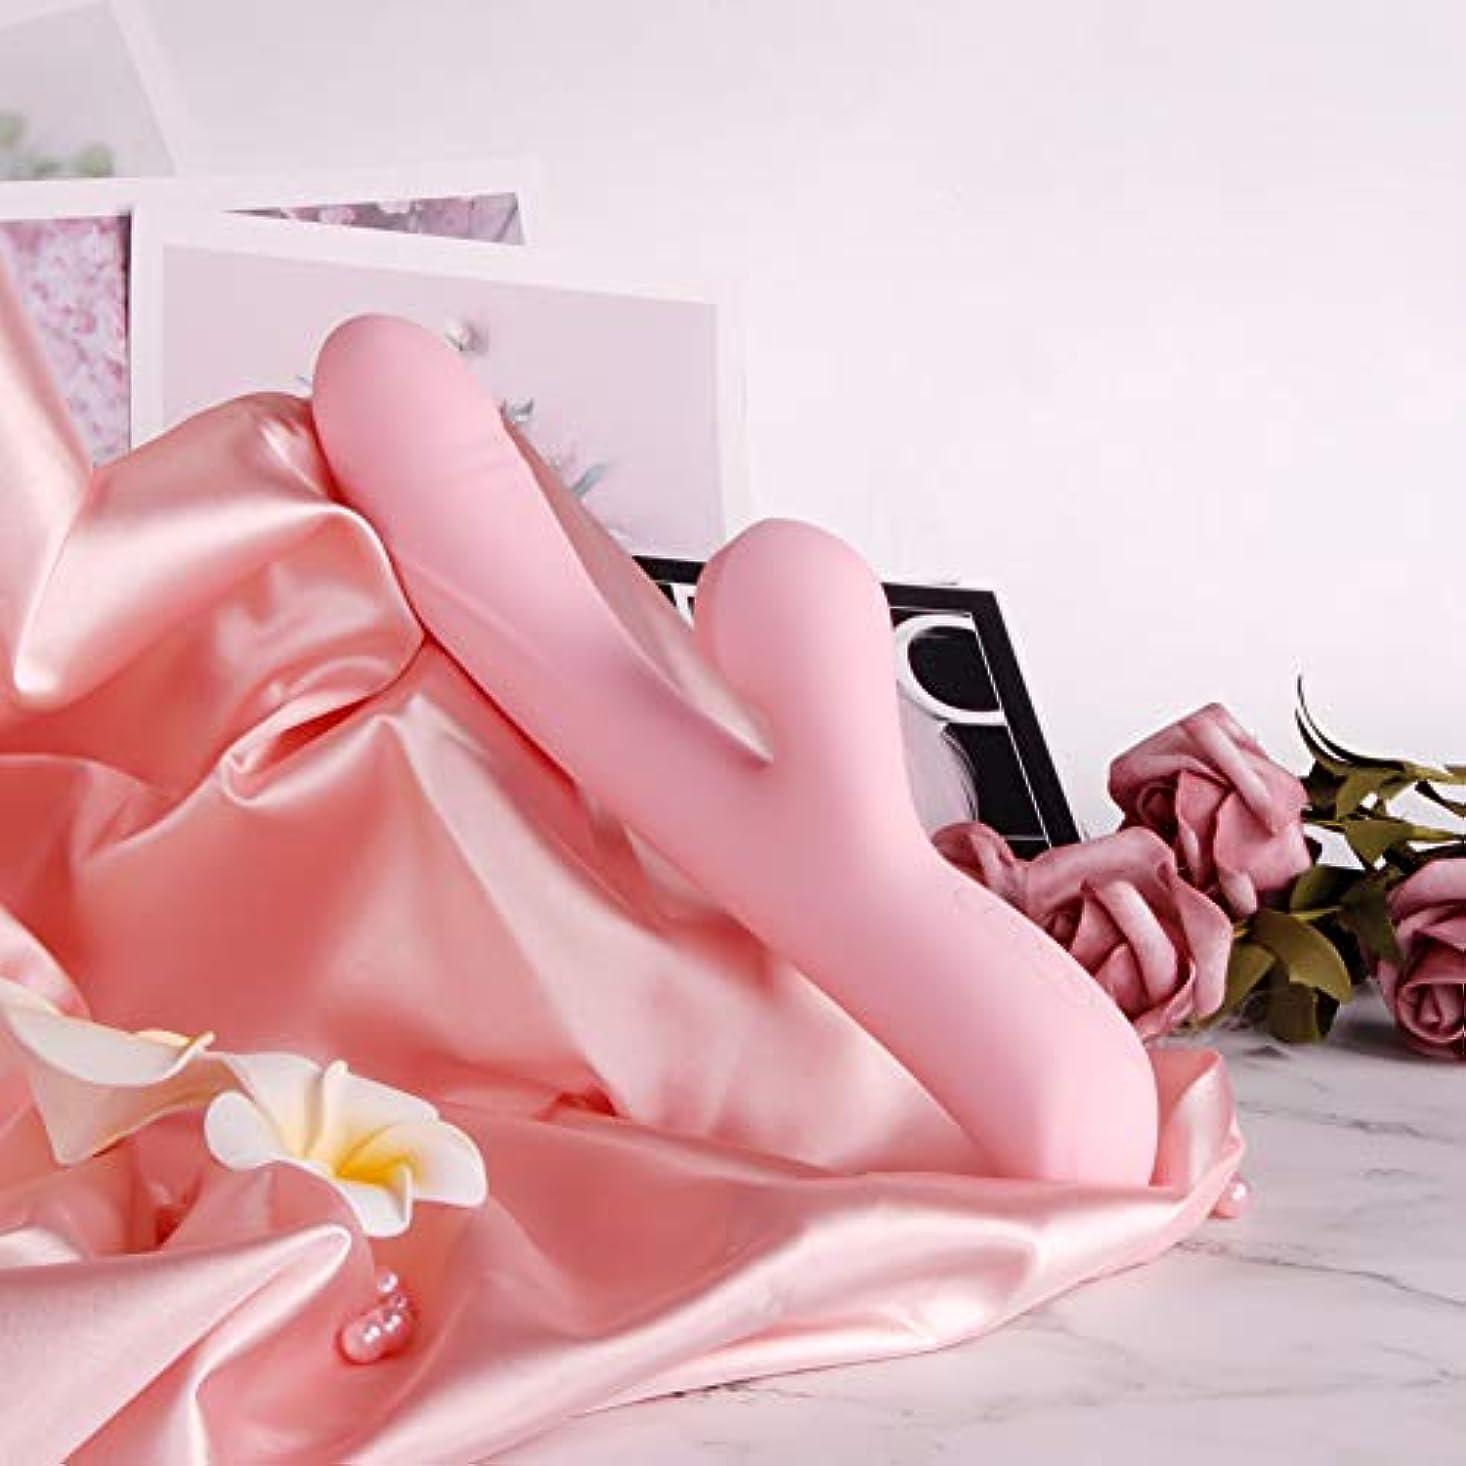 ソーシャル眠っている清める脚 マッサージ バイブレーターUSB充電式 AVマジック ワンドバイブレーター マッサージャー 大人のおもちゃ女性用 10スピード電動マッサージ器 42度加熱 自由に曲げられる (ピンク色)